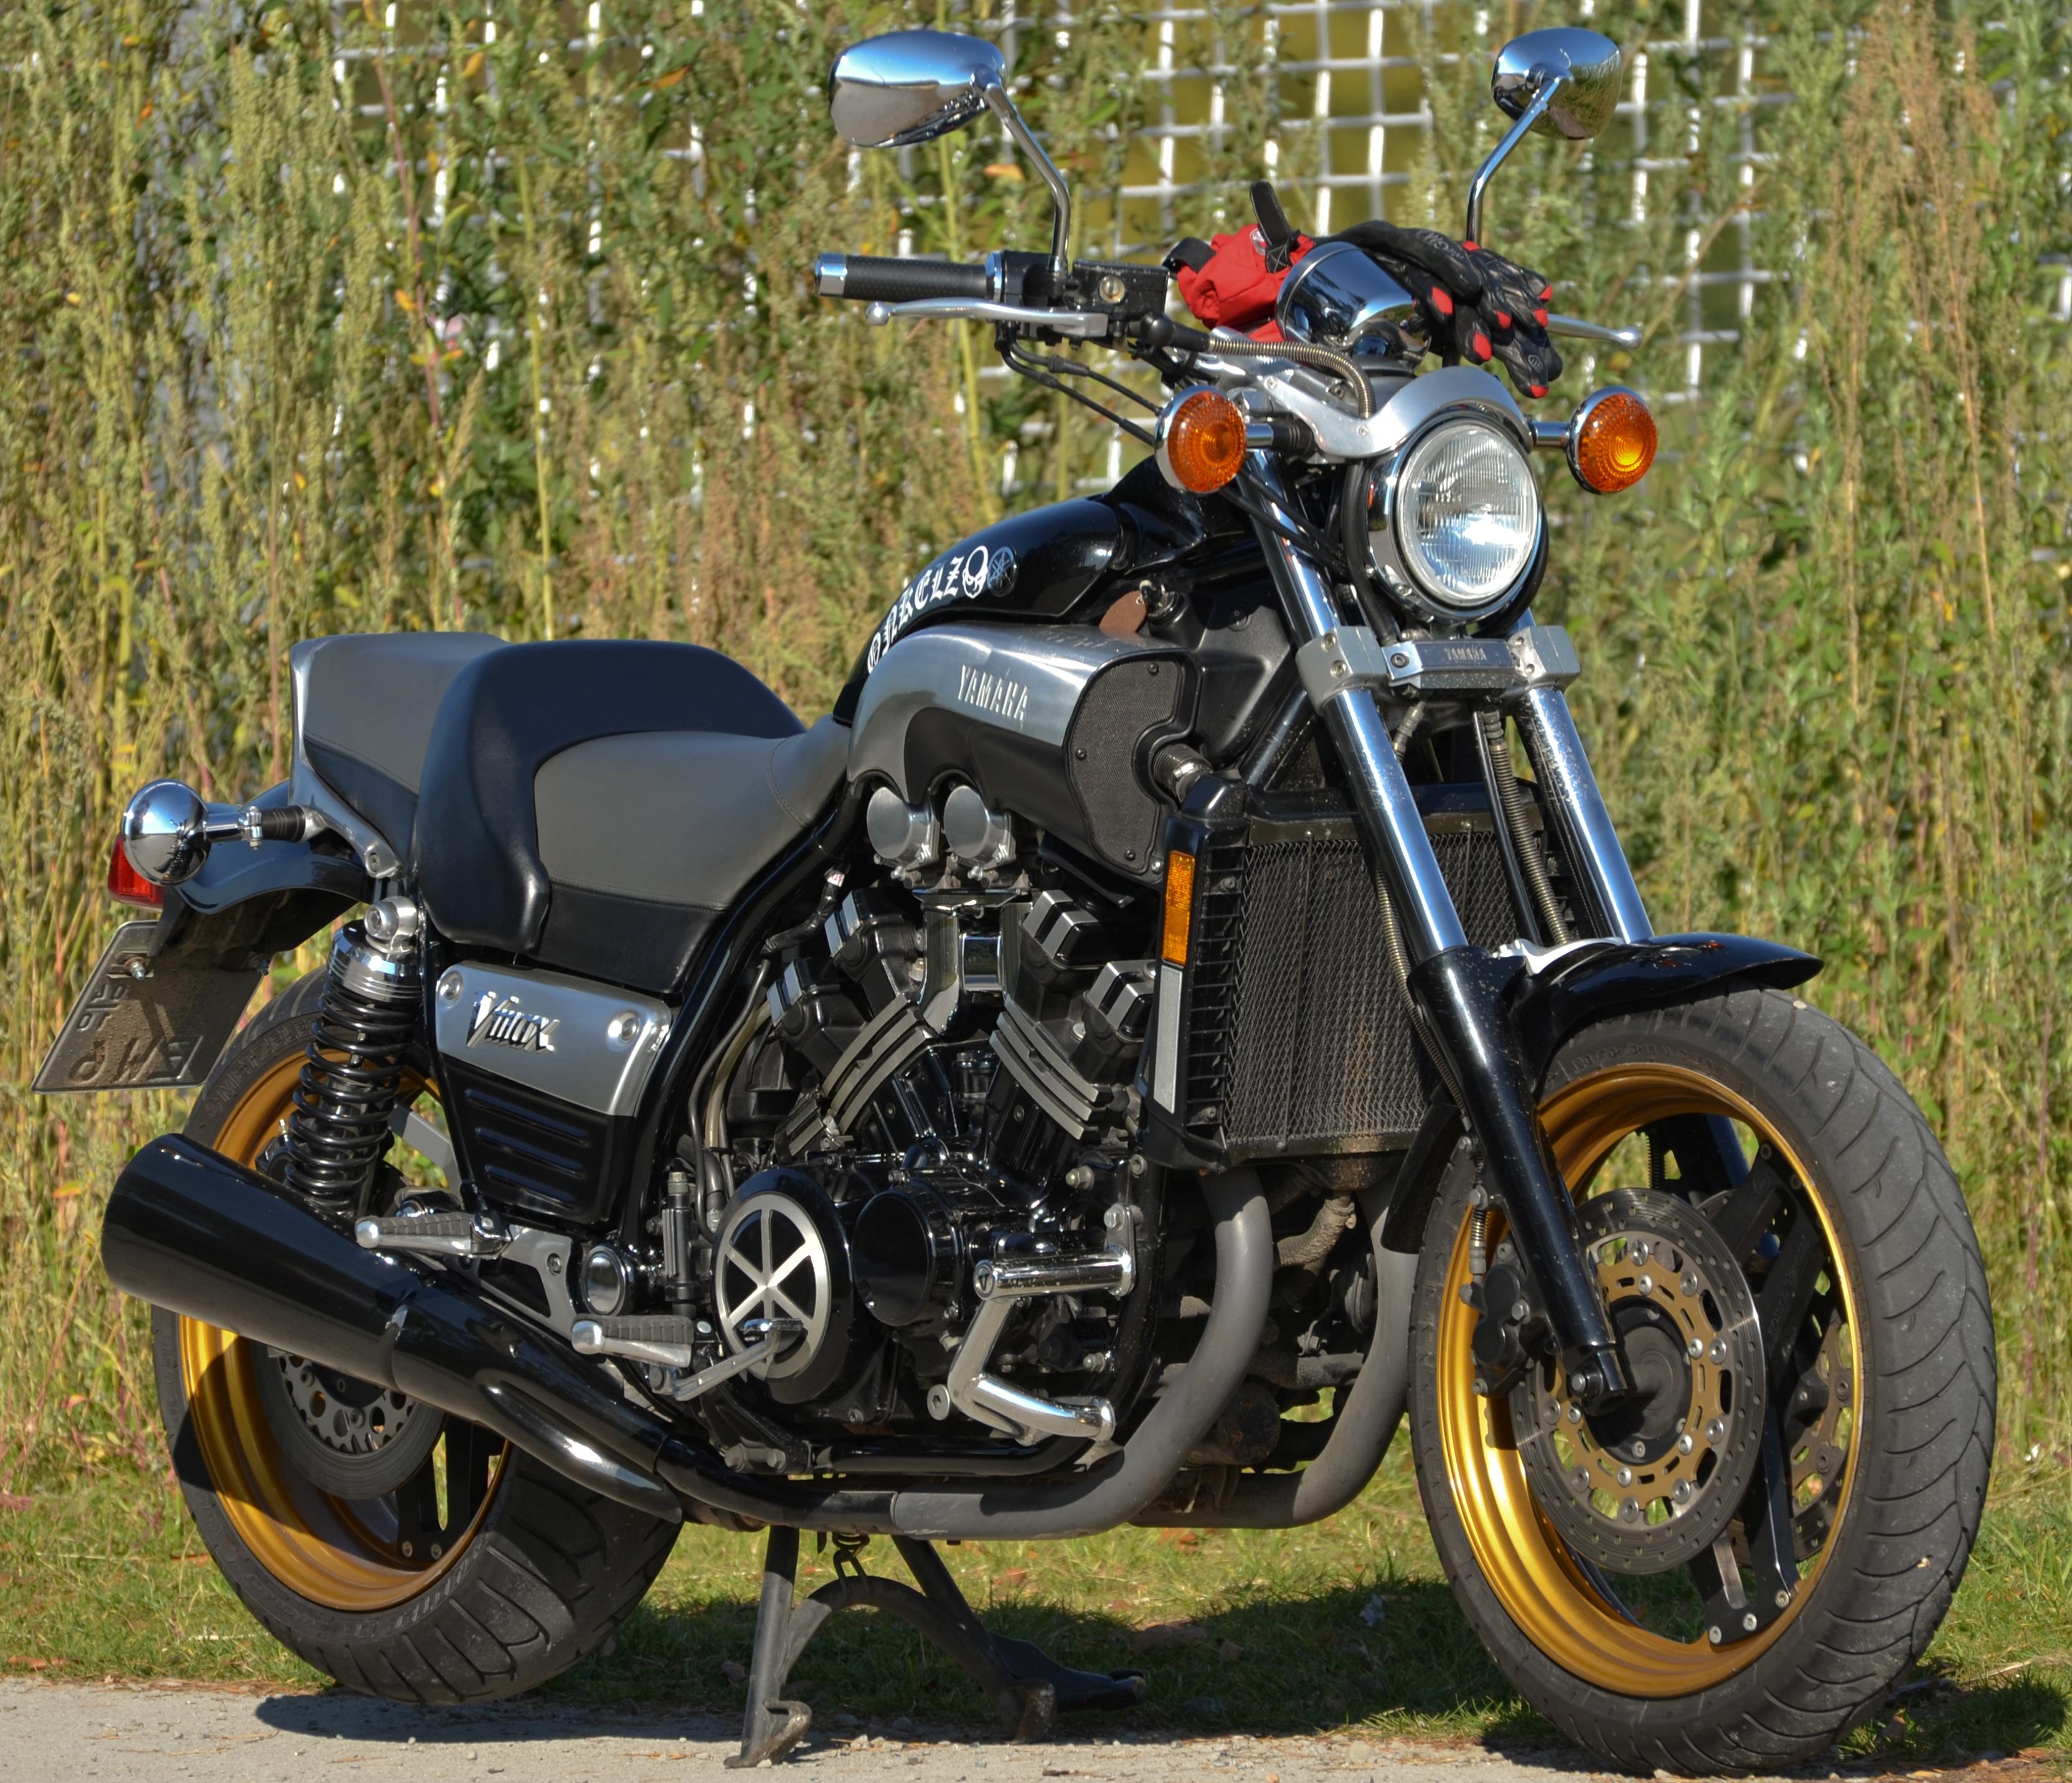 Yamaha Motorcycles Cruisers